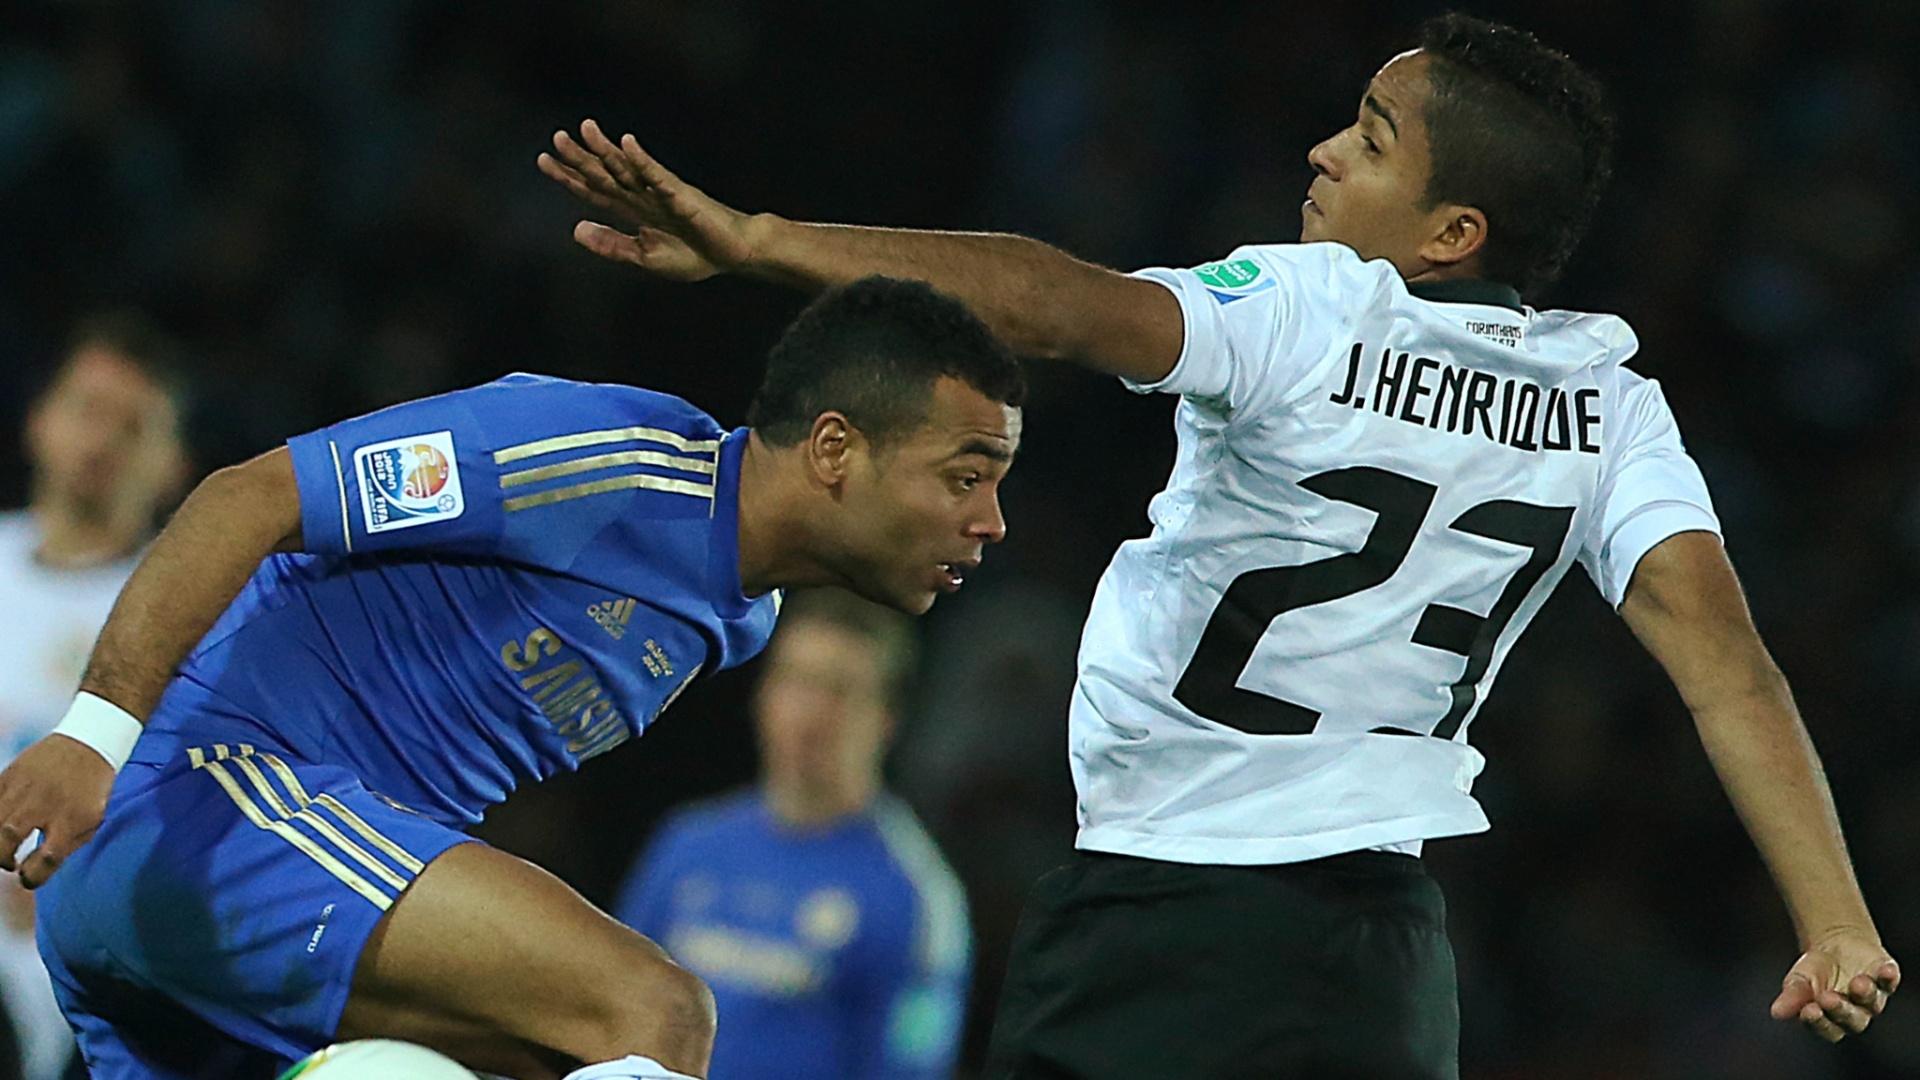 16.dez.2012 - Ashley Cole, do Chelsea, e Jorge Henrique, do Corinthians, disputam bola pelo alto durante a final do Mundial de Clubes da Fifa, em Yokohama, no Japão